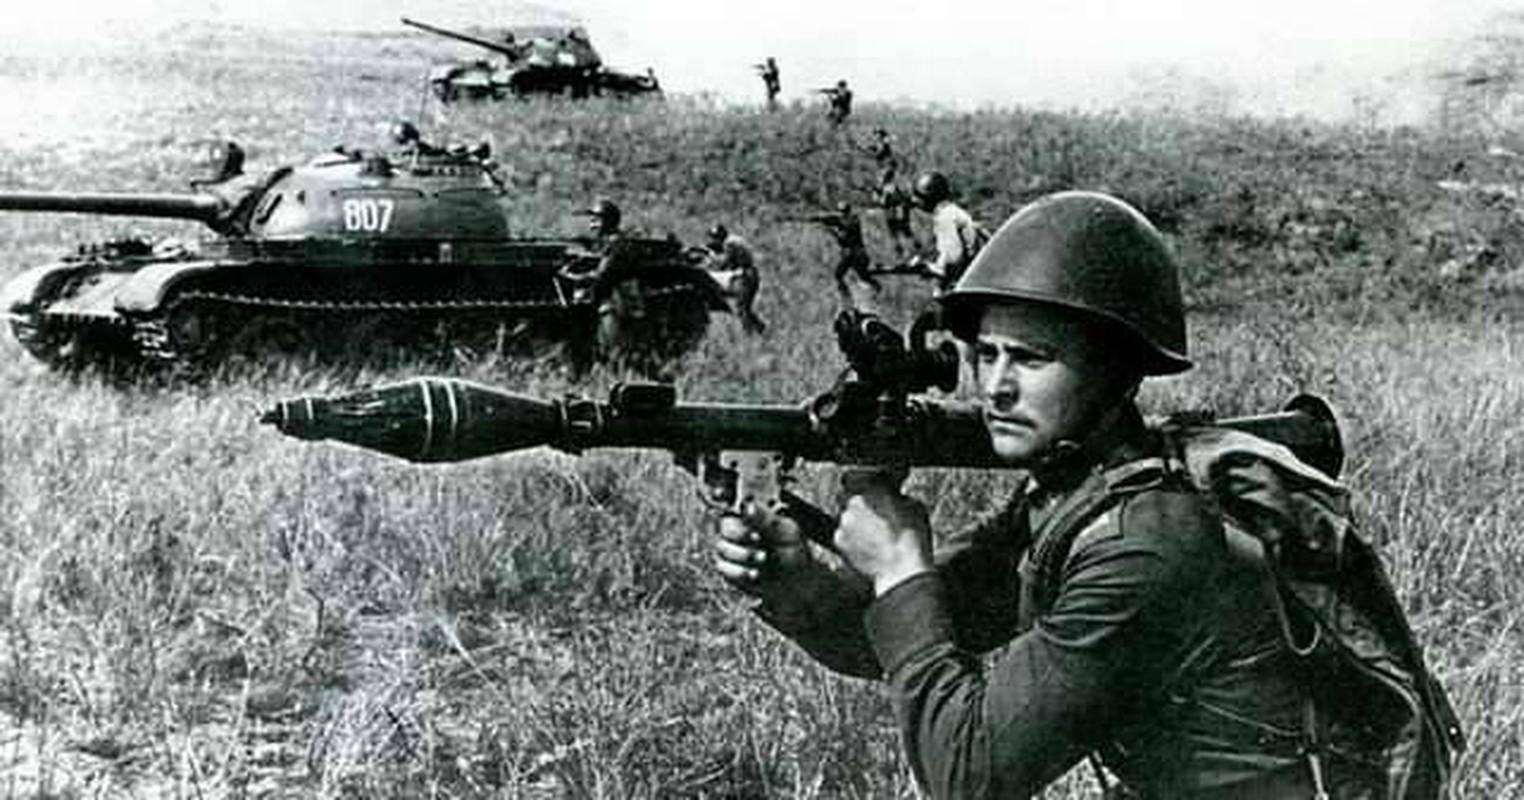 RPG-7 du da 60 tuoi van la noi khiep dam voi moi loai xe tang-Hinh-2